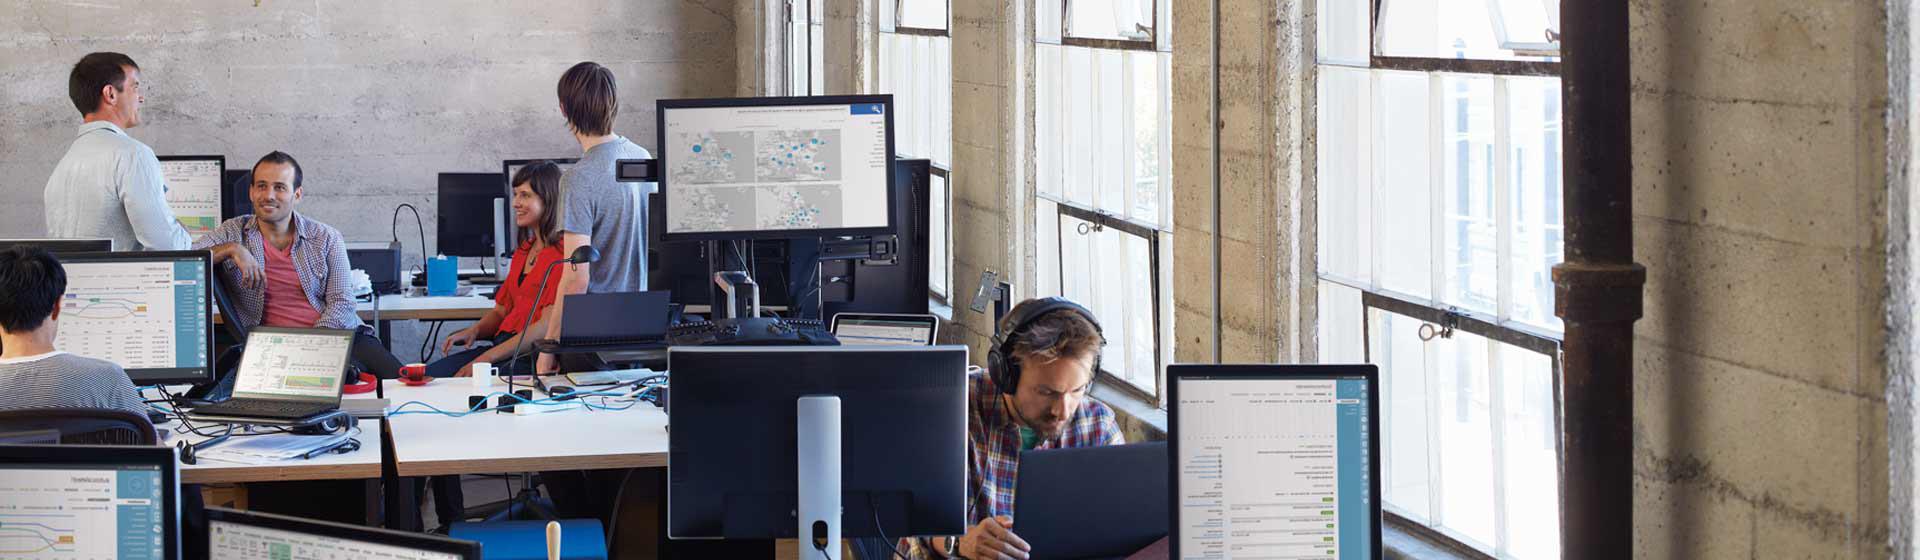 مجموعة من زملاء العمل يجلسون ويقفون حول مكاتبهم في مكتب مكتظ بأجهزة كمبيوتر يتم تشغيل Office 365 عليها